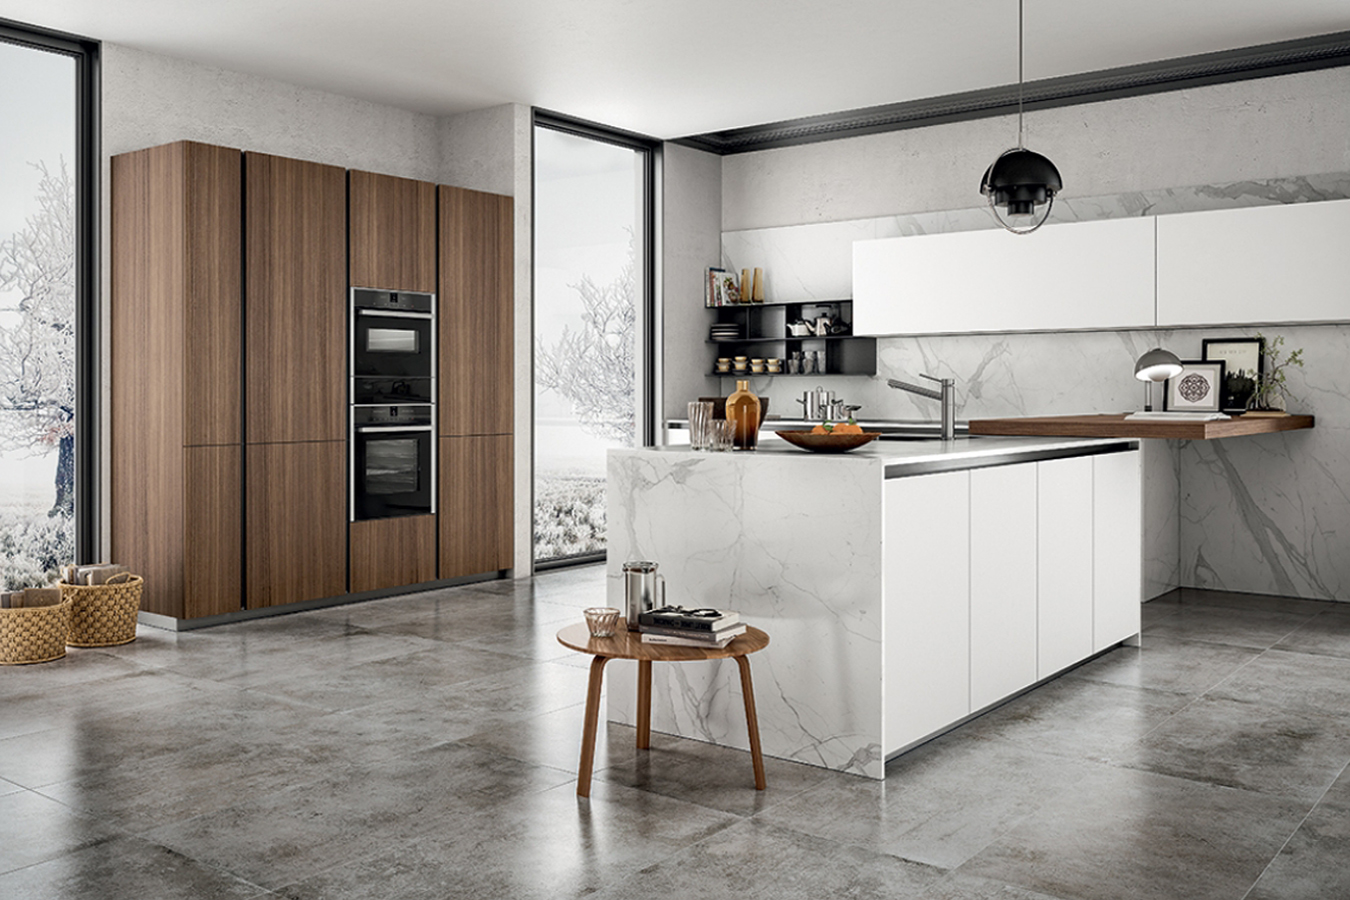 Cucina zetasei di arredo3 righetti mobili novara for Immagini arredamento